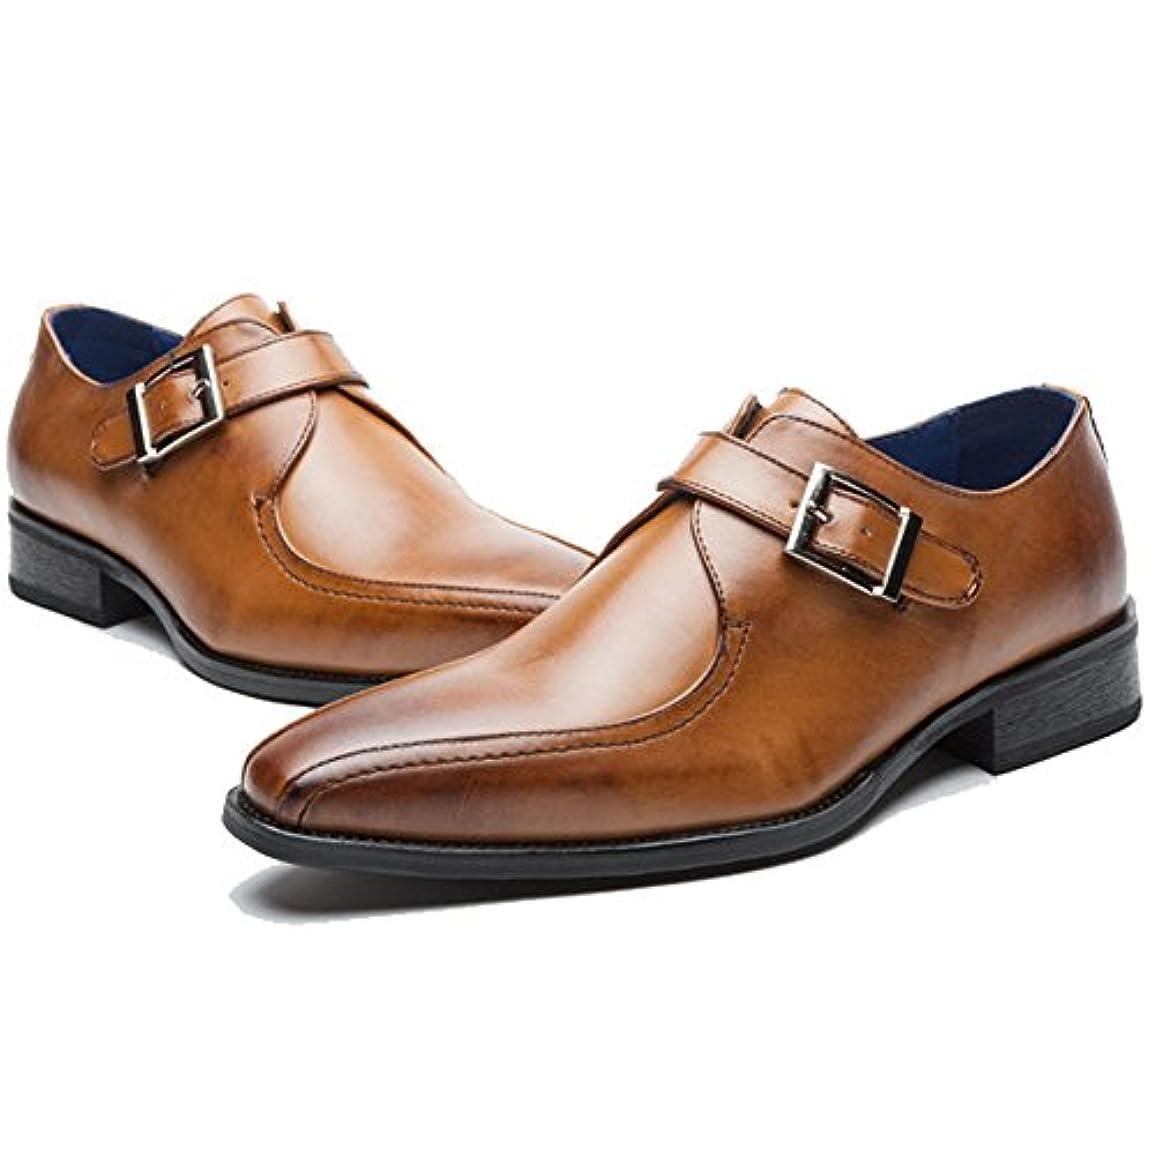 枯渇花束報奨金CHENGFA ビジネスシューズ メンズ レザーシューズ 紳士靴 革靴 本革 ウイングチップ モンクストラップ 通気性